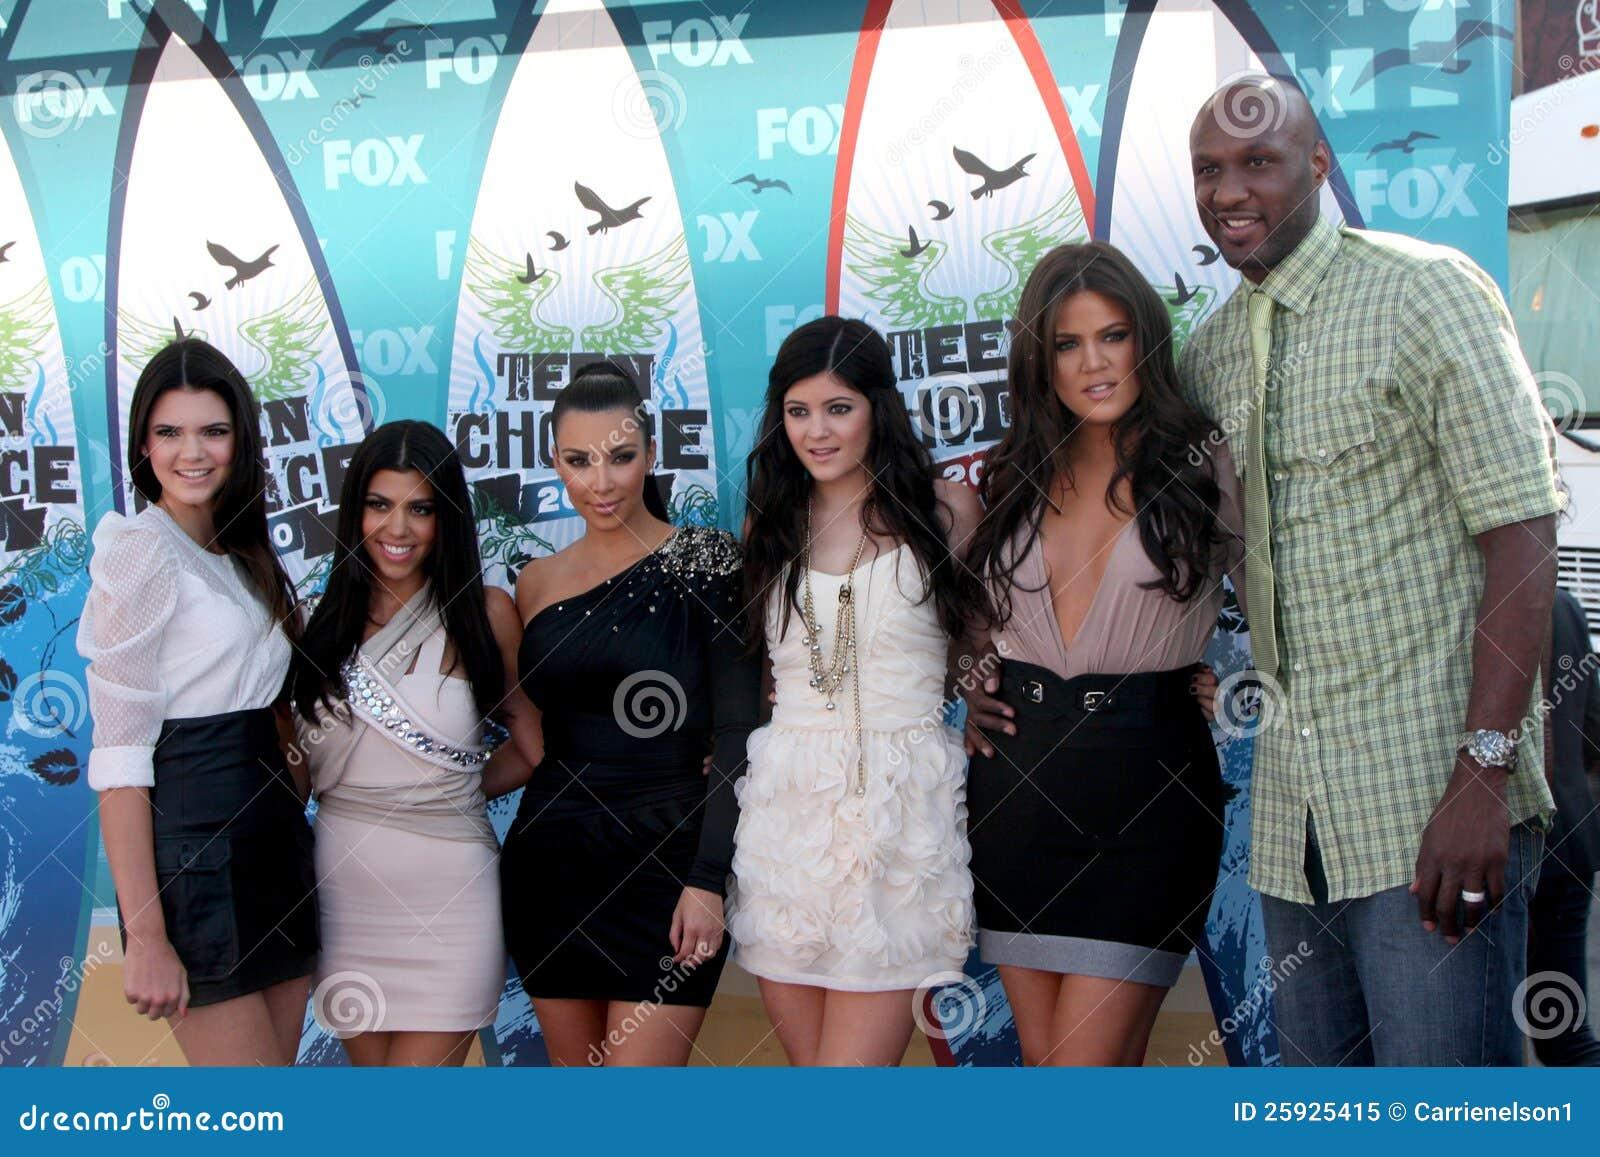 Kendall Jenner, Kim Kardashian, Kylie Jenner, Khloe Kardashian, Khloe Kardashian, Khloe Kardashian Odom, Khloe Kardashian, Lamar O